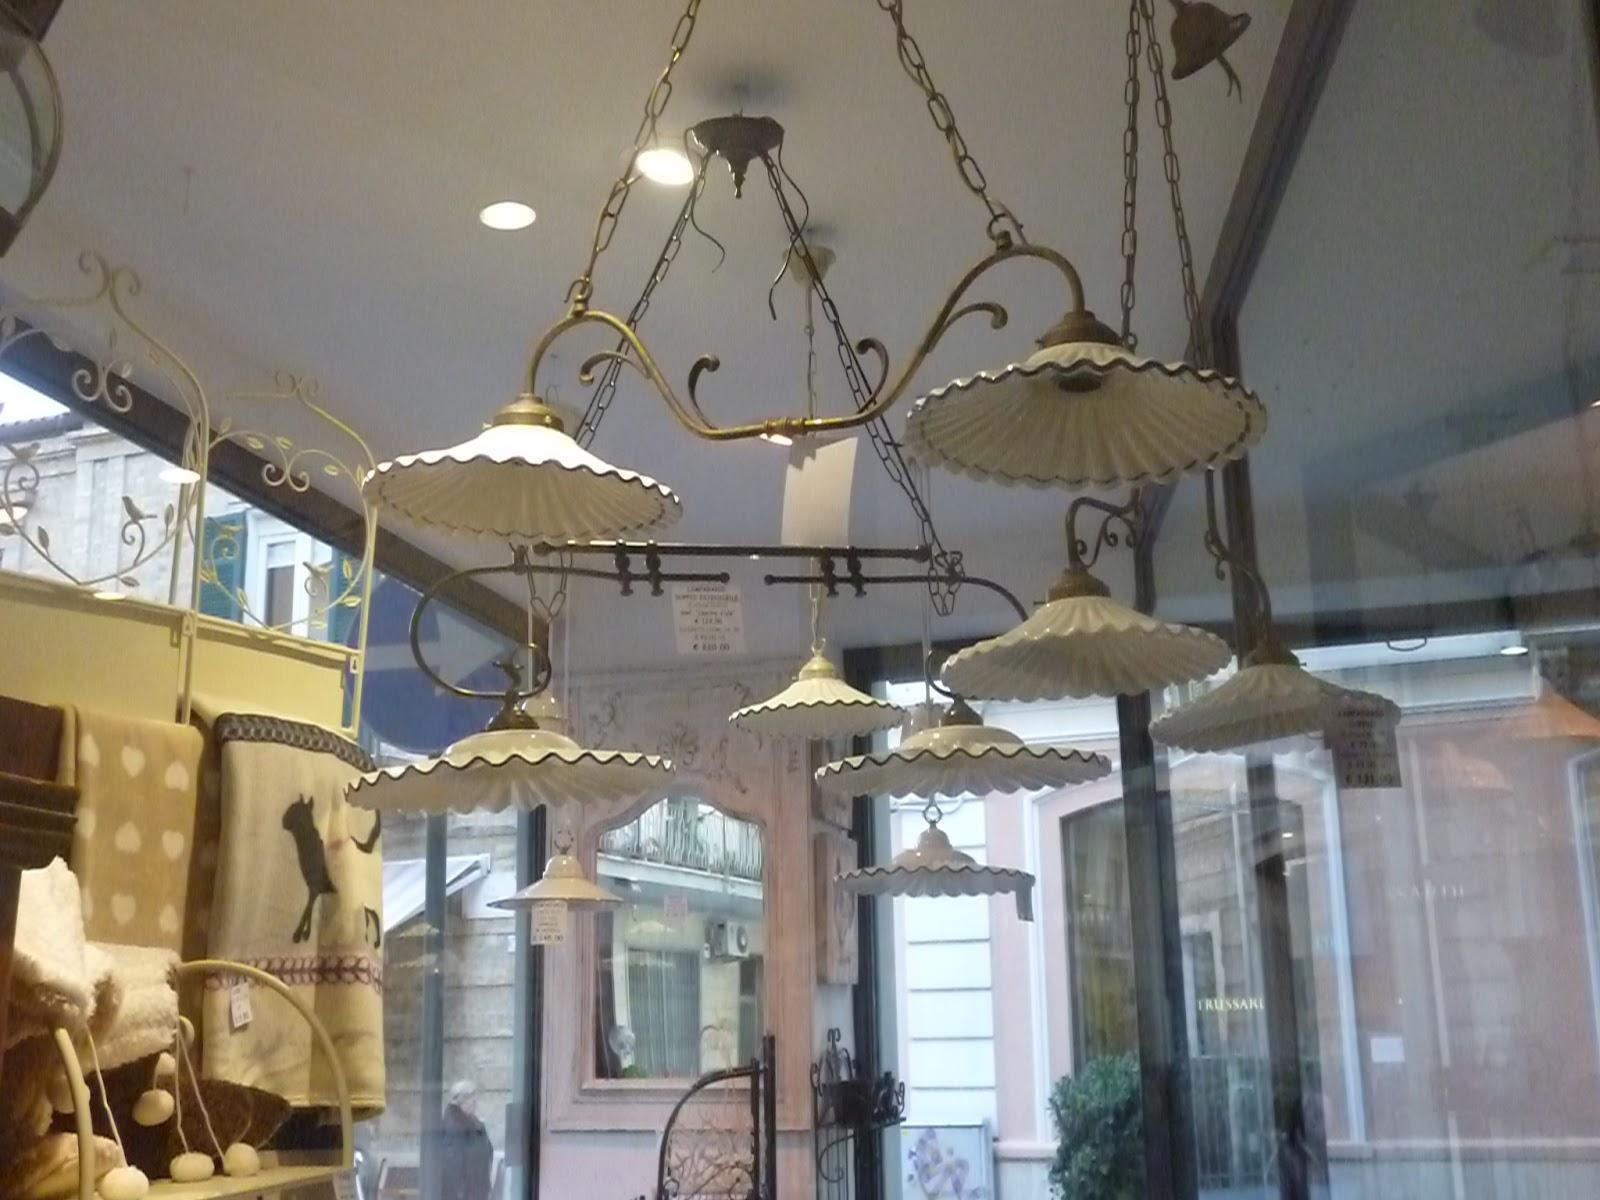 Il girasole nuove idee per la casa luci light lumiere - Luci per la casa ...